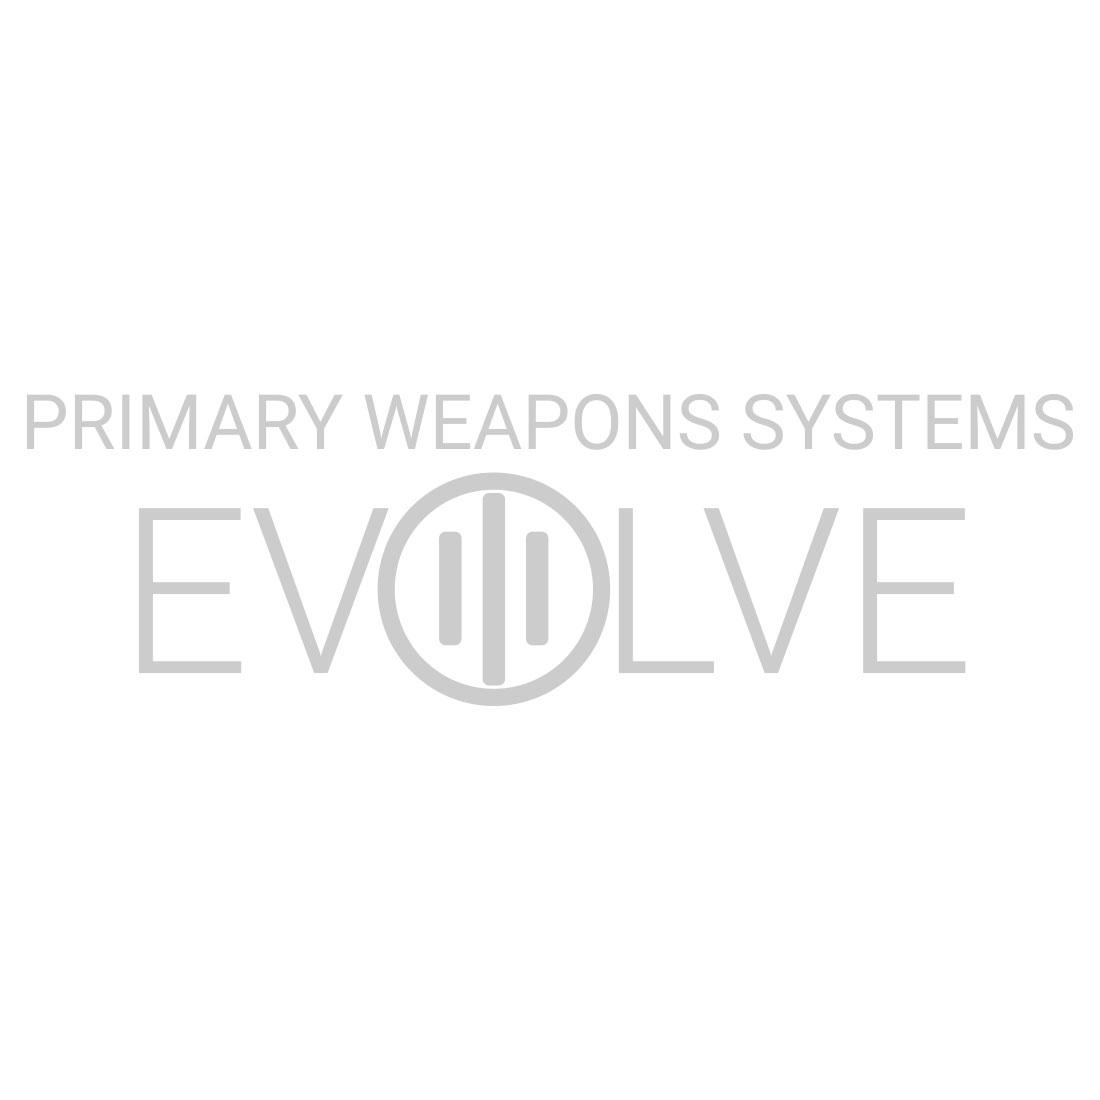 MK111 MOD 1-M Pistol .223 Wylde